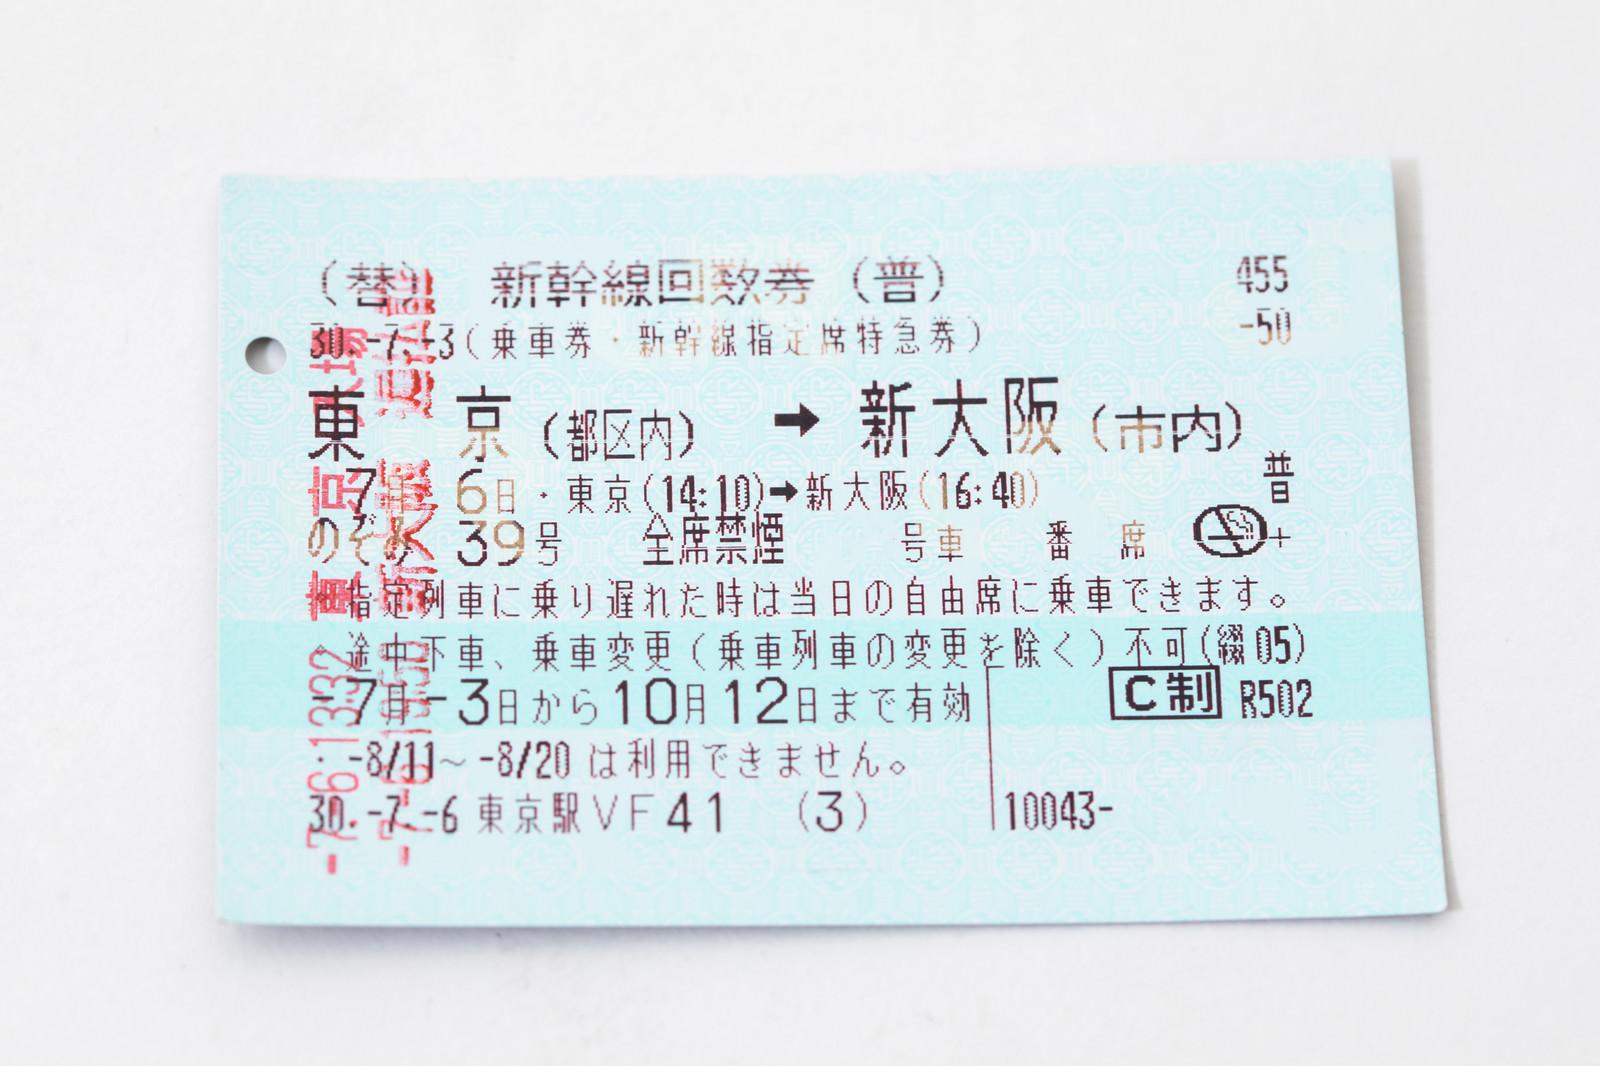 「東京→新大阪の払戻証東京→新大阪の払戻証」のフリー写真素材を拡大